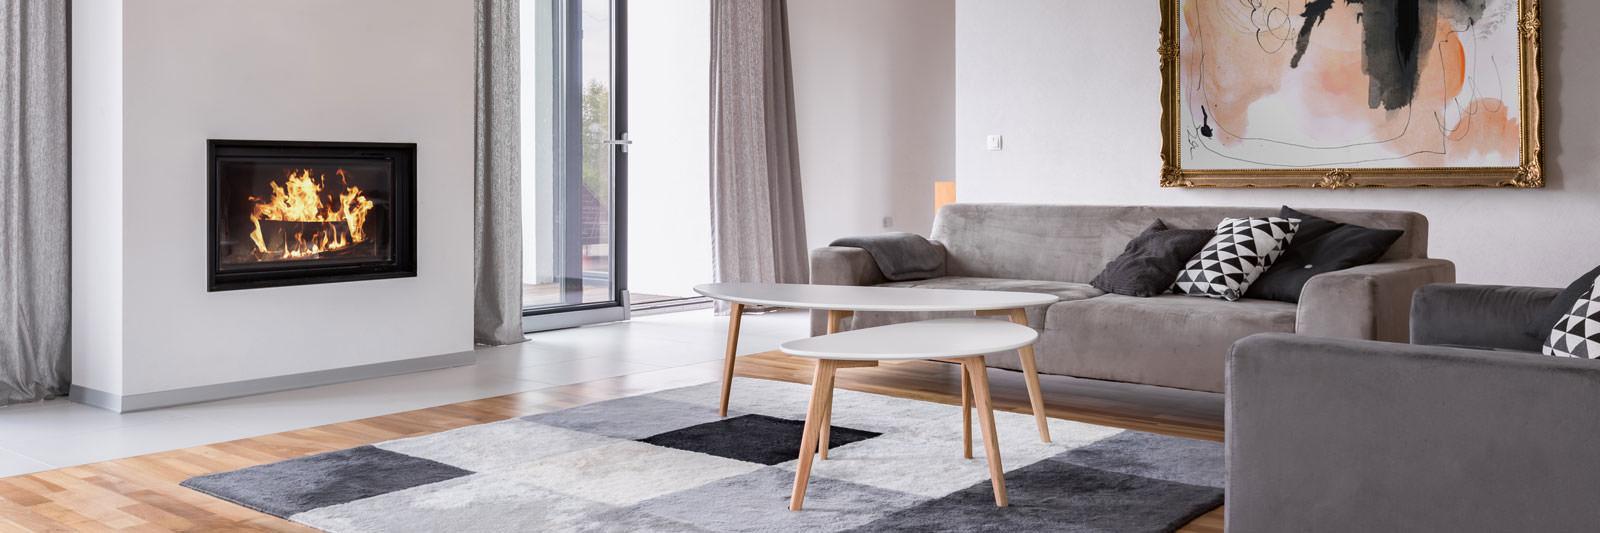 Tendencias Muebles Salon 2019.Ultimas Tendencias En Decoracion De Salones